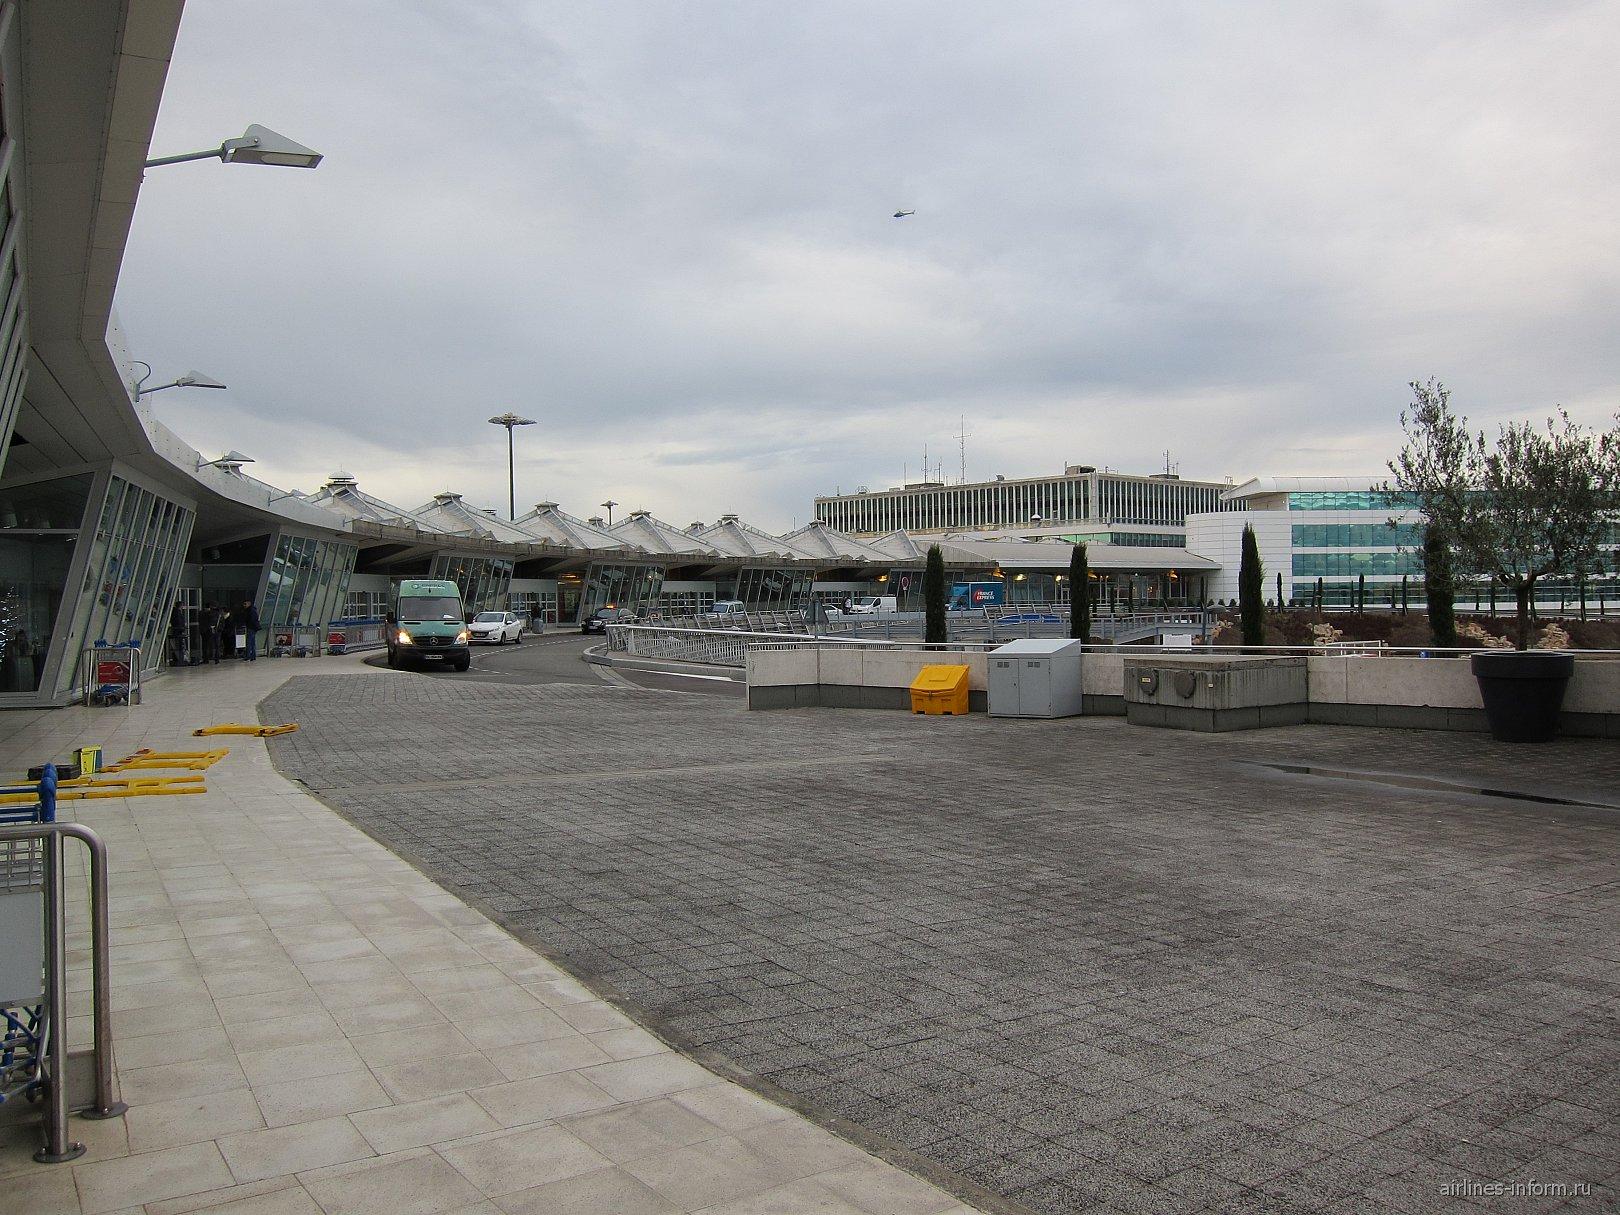 Терминал 2 аэропорта Лион имени Сент-Экзюпери